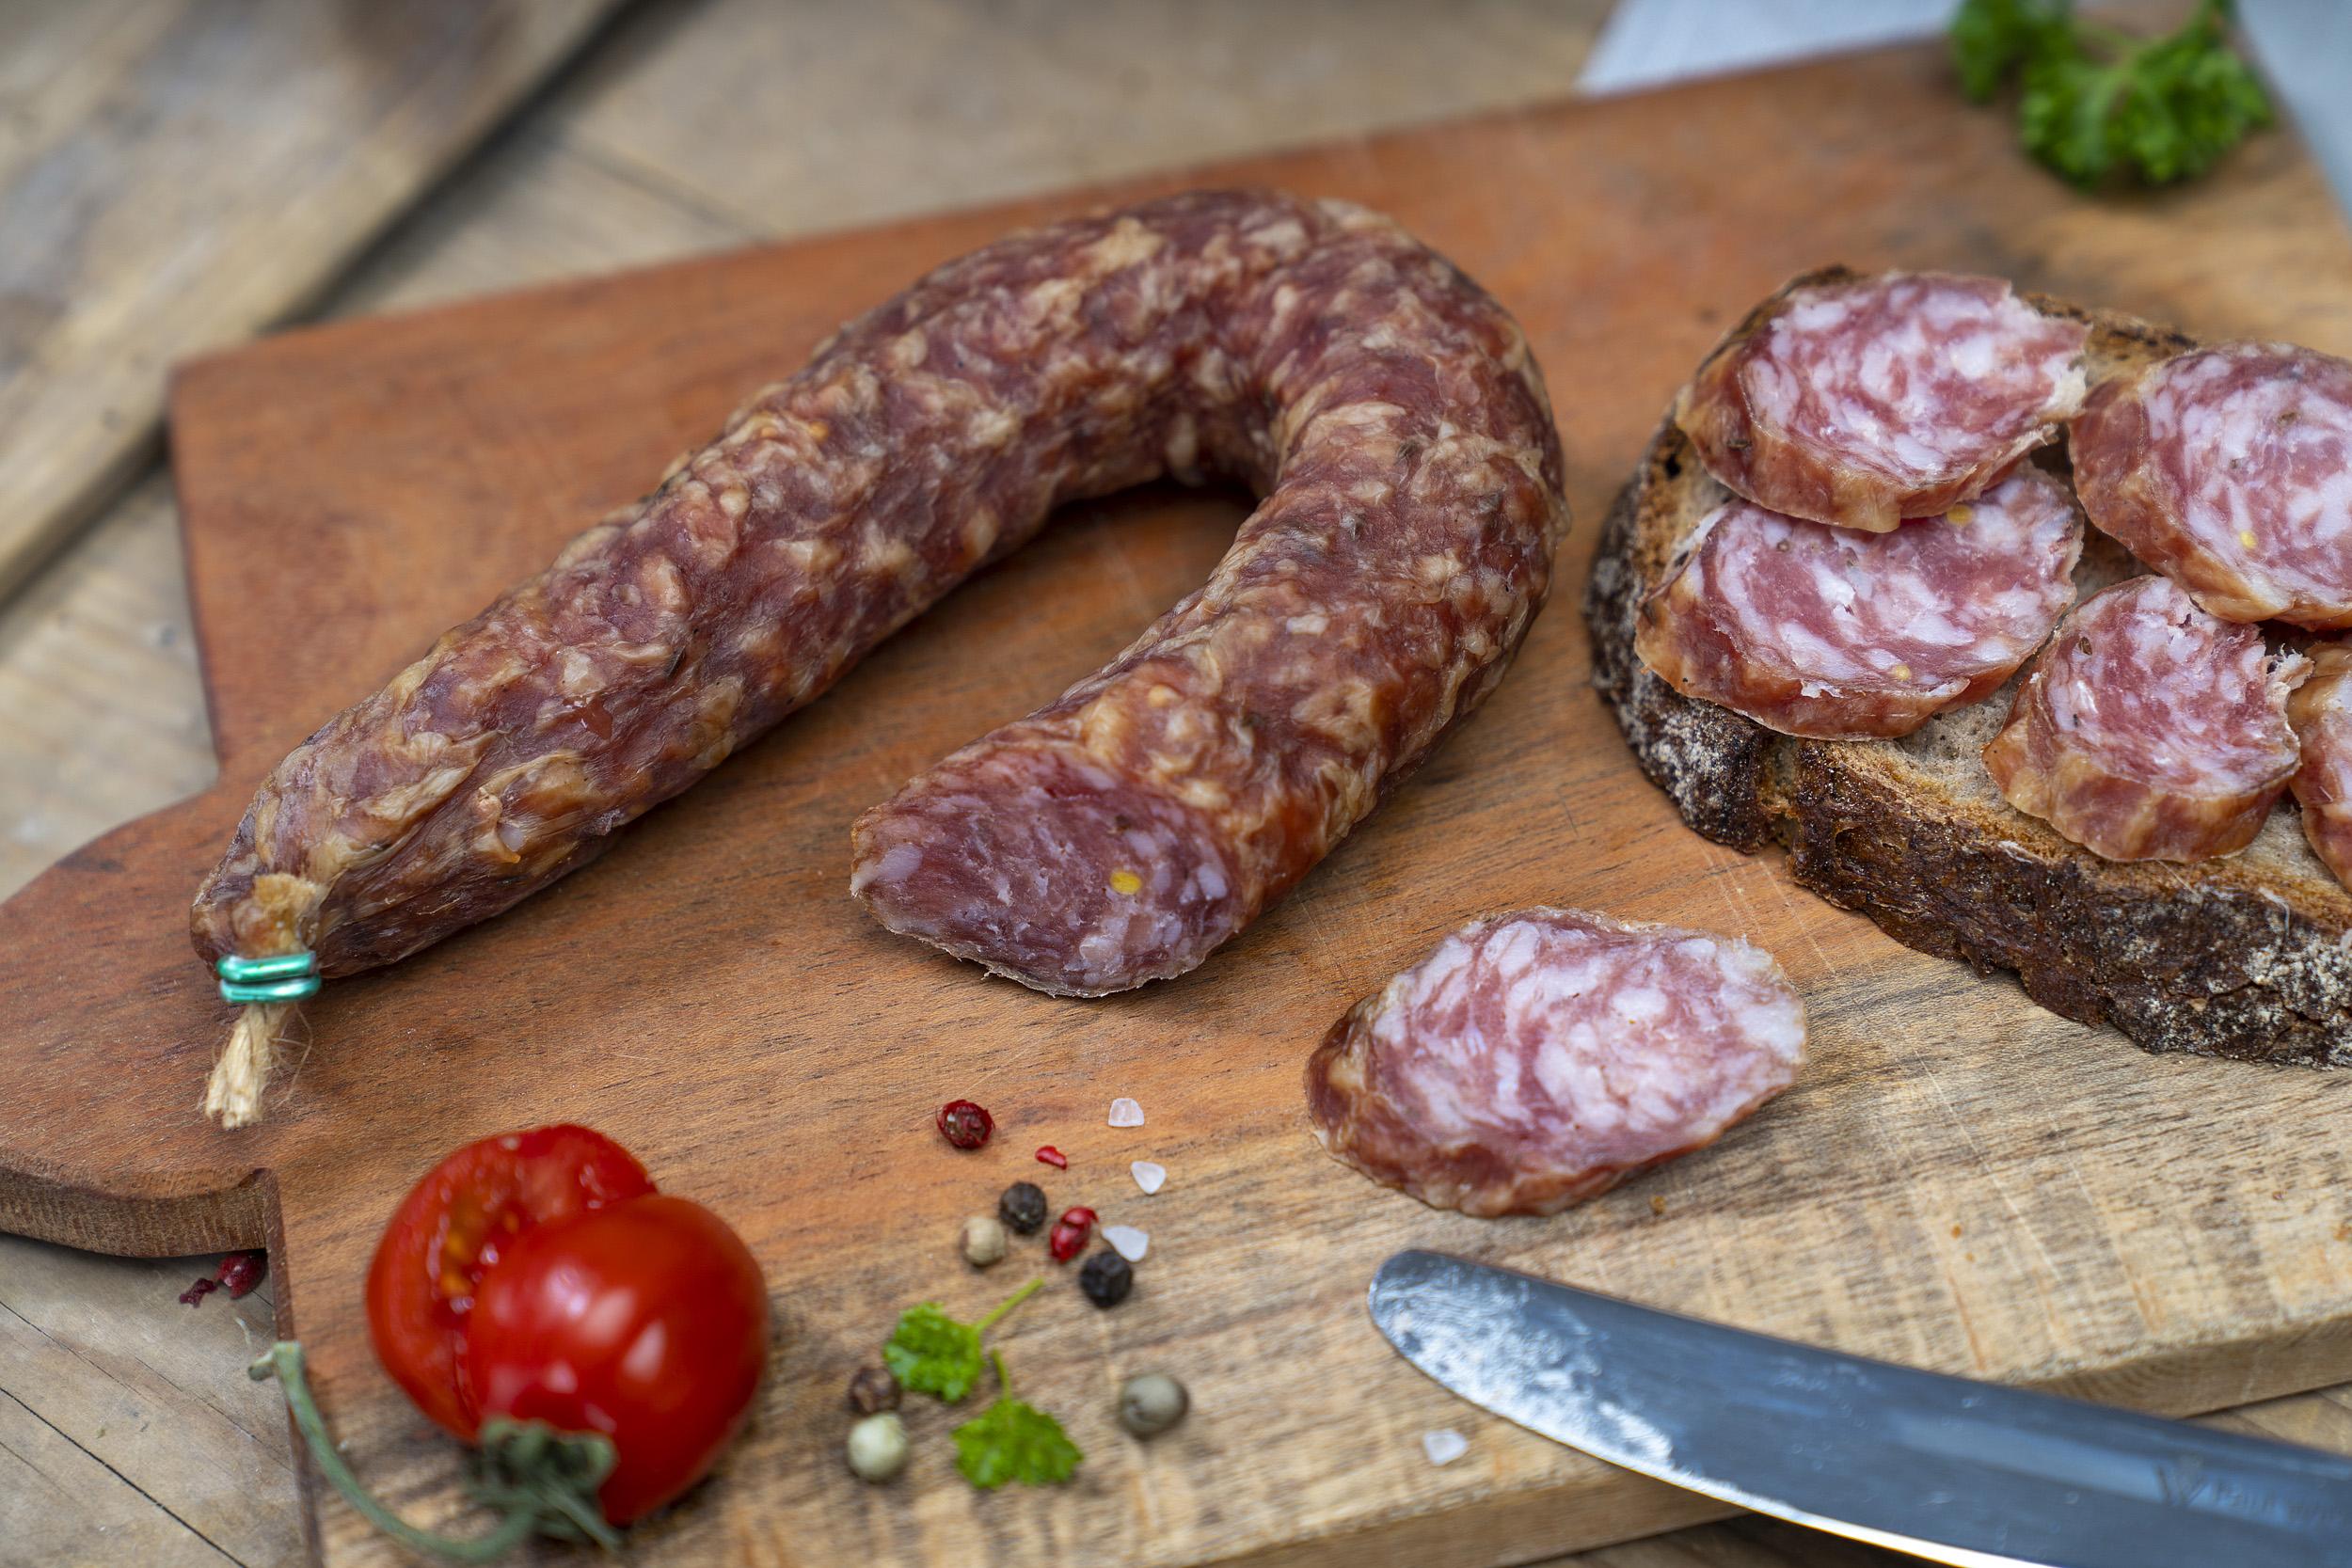 Ein Südharzer Knüppelchen auf einem Brett. Daneben ein Brot mit der Wurst, Gewürze und eine Tomate.